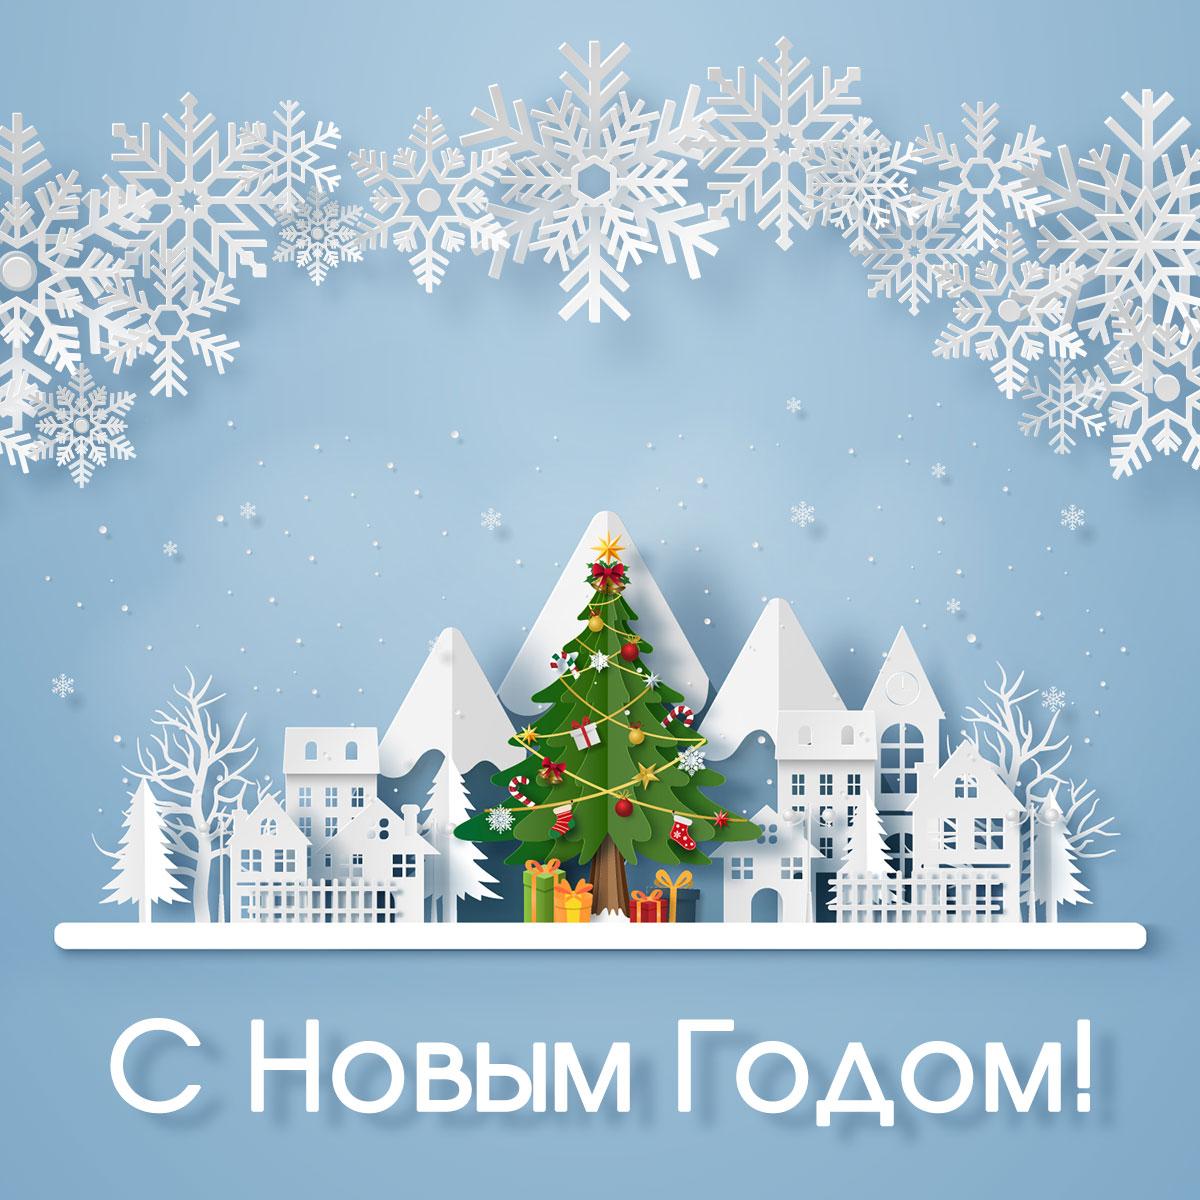 Голубая открытка с зимней ёлкой, снежинками и домами из вырезанной бумаги.